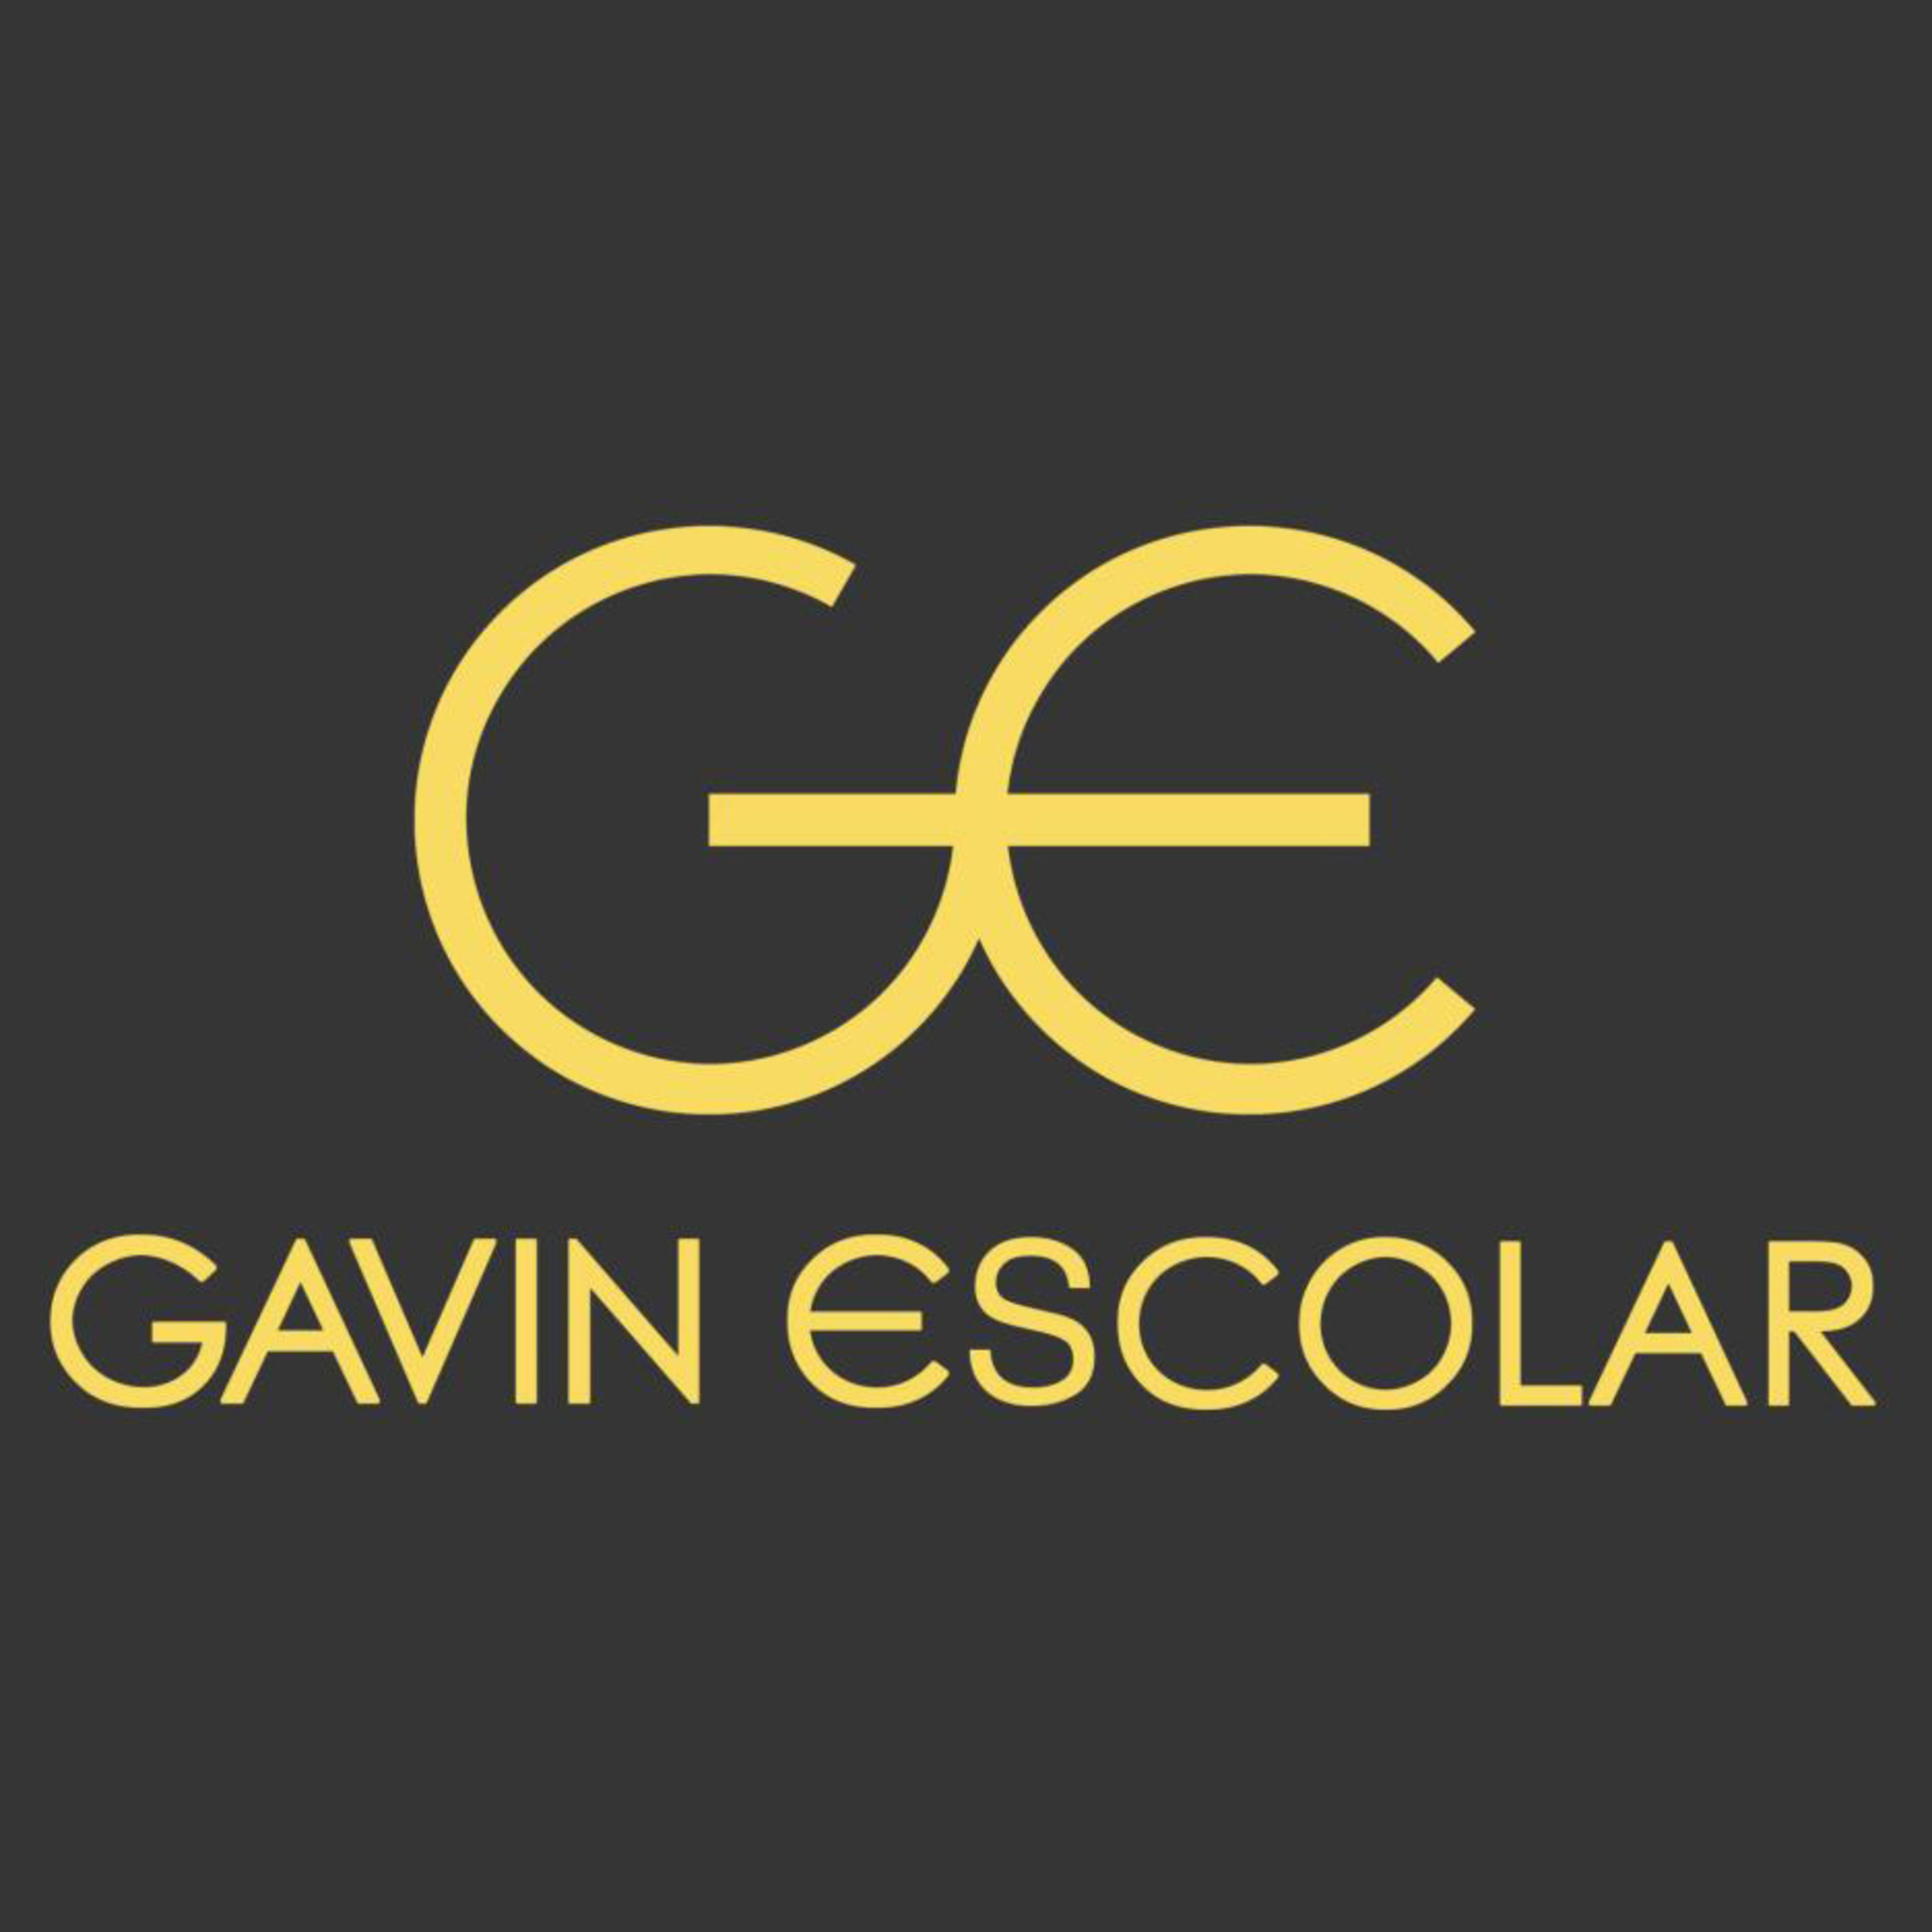 gavin escolar- company logo